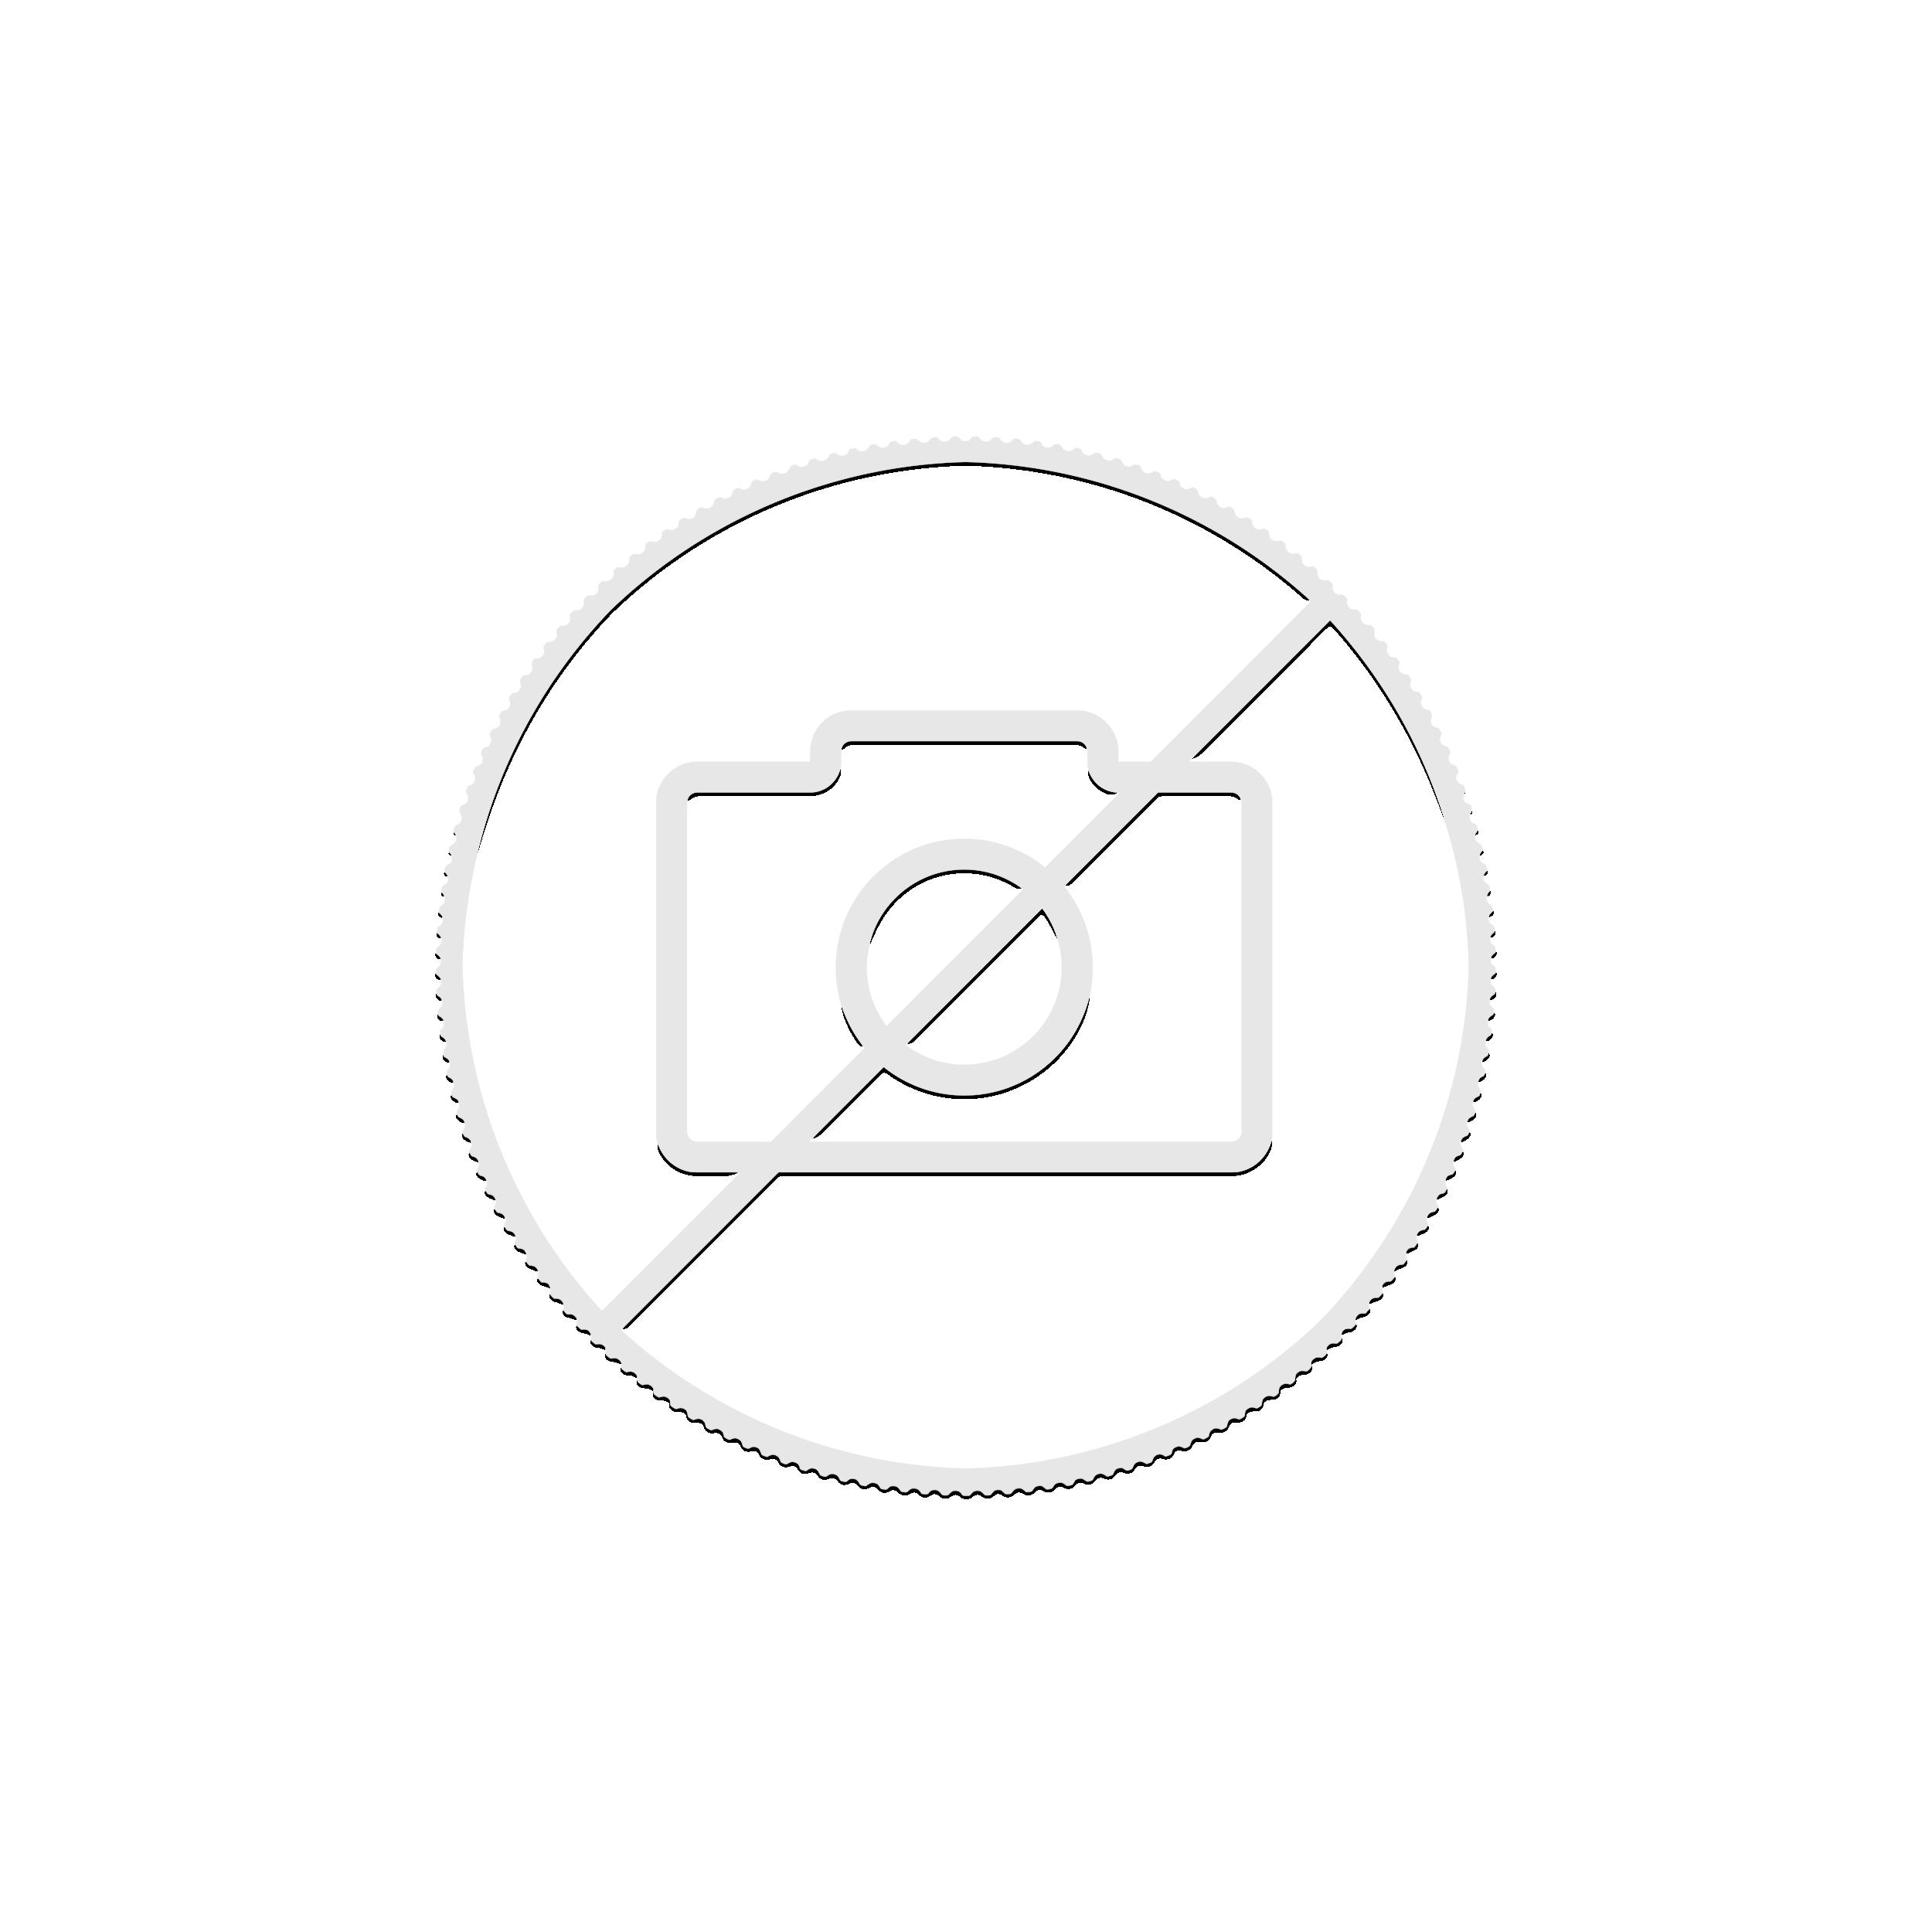 2 Troy ounce silver coin Lunar 2019